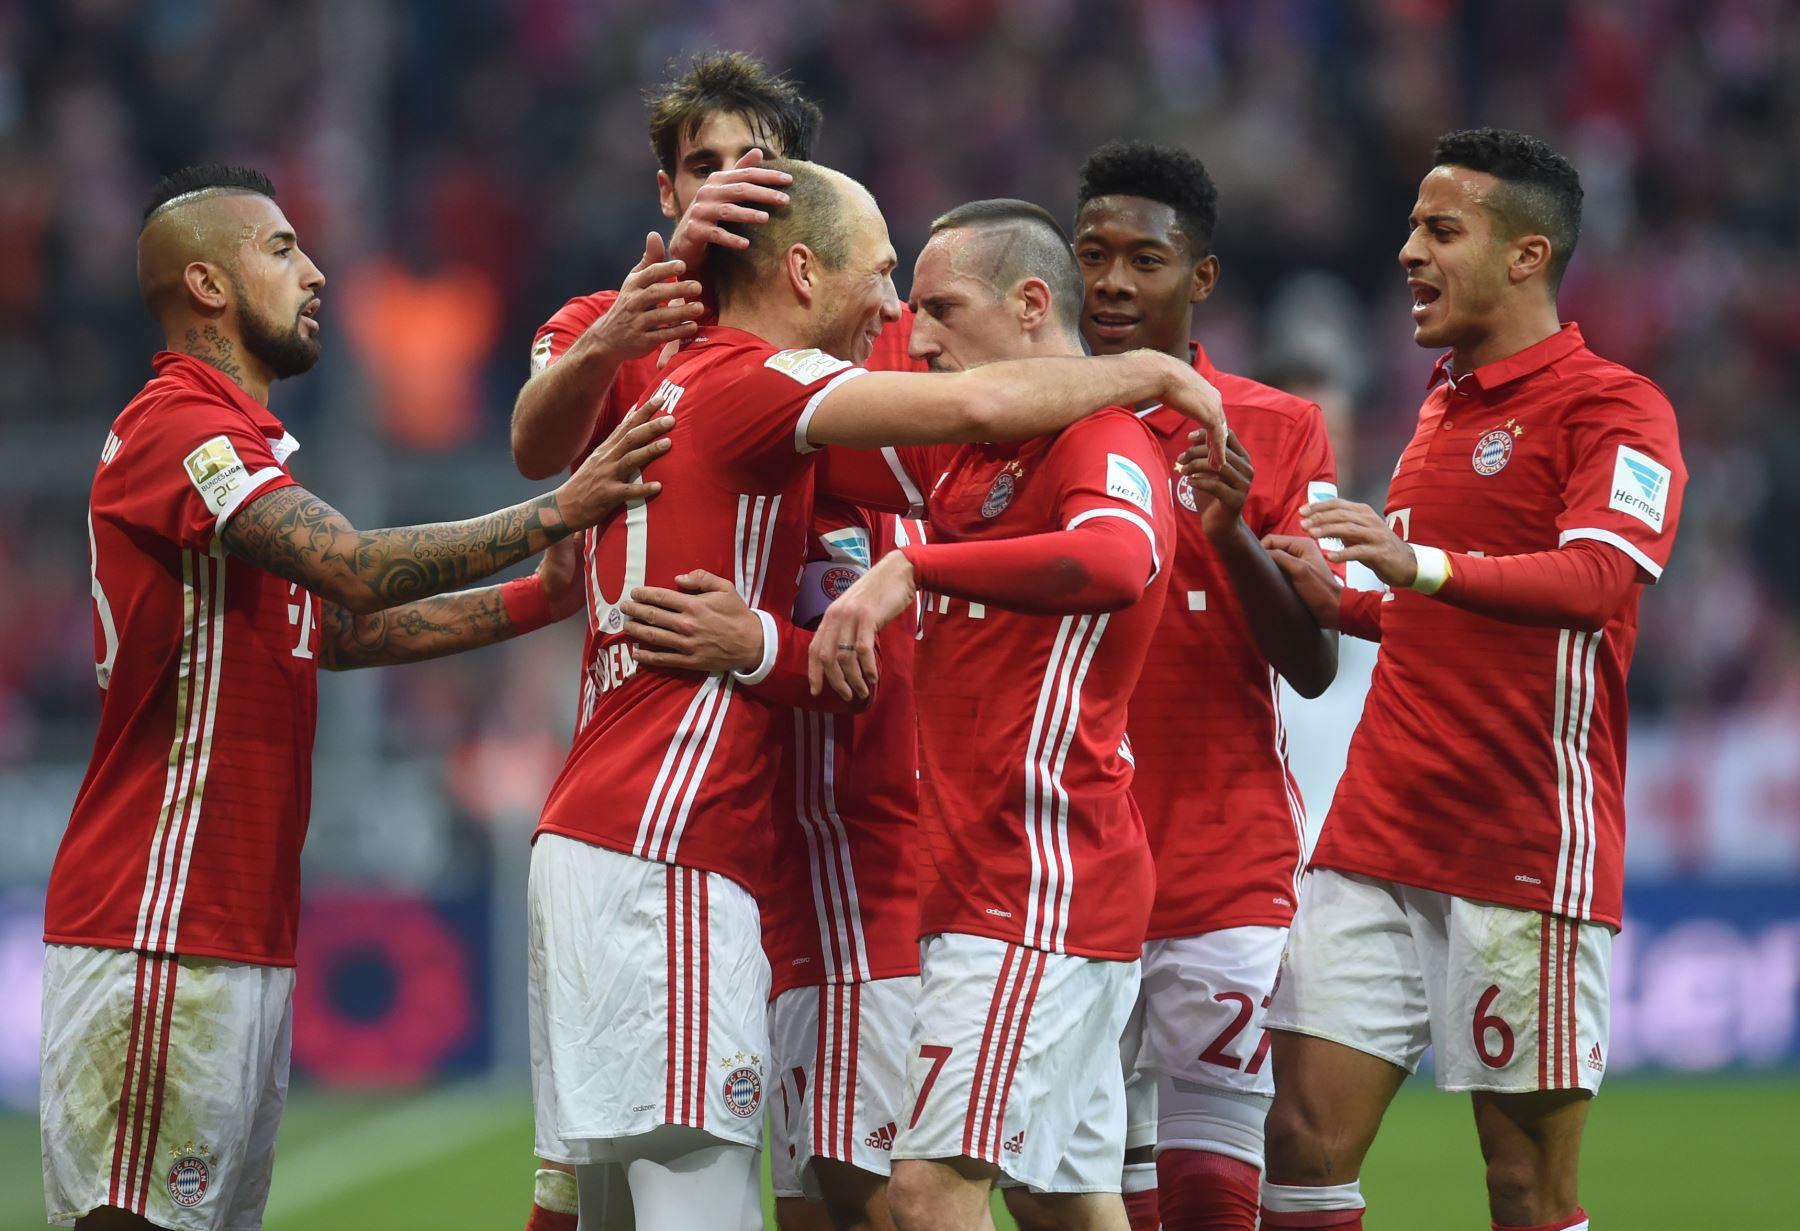 Manita del Bayern al Wolfsburgo (5-0) para hacerse con el liderato